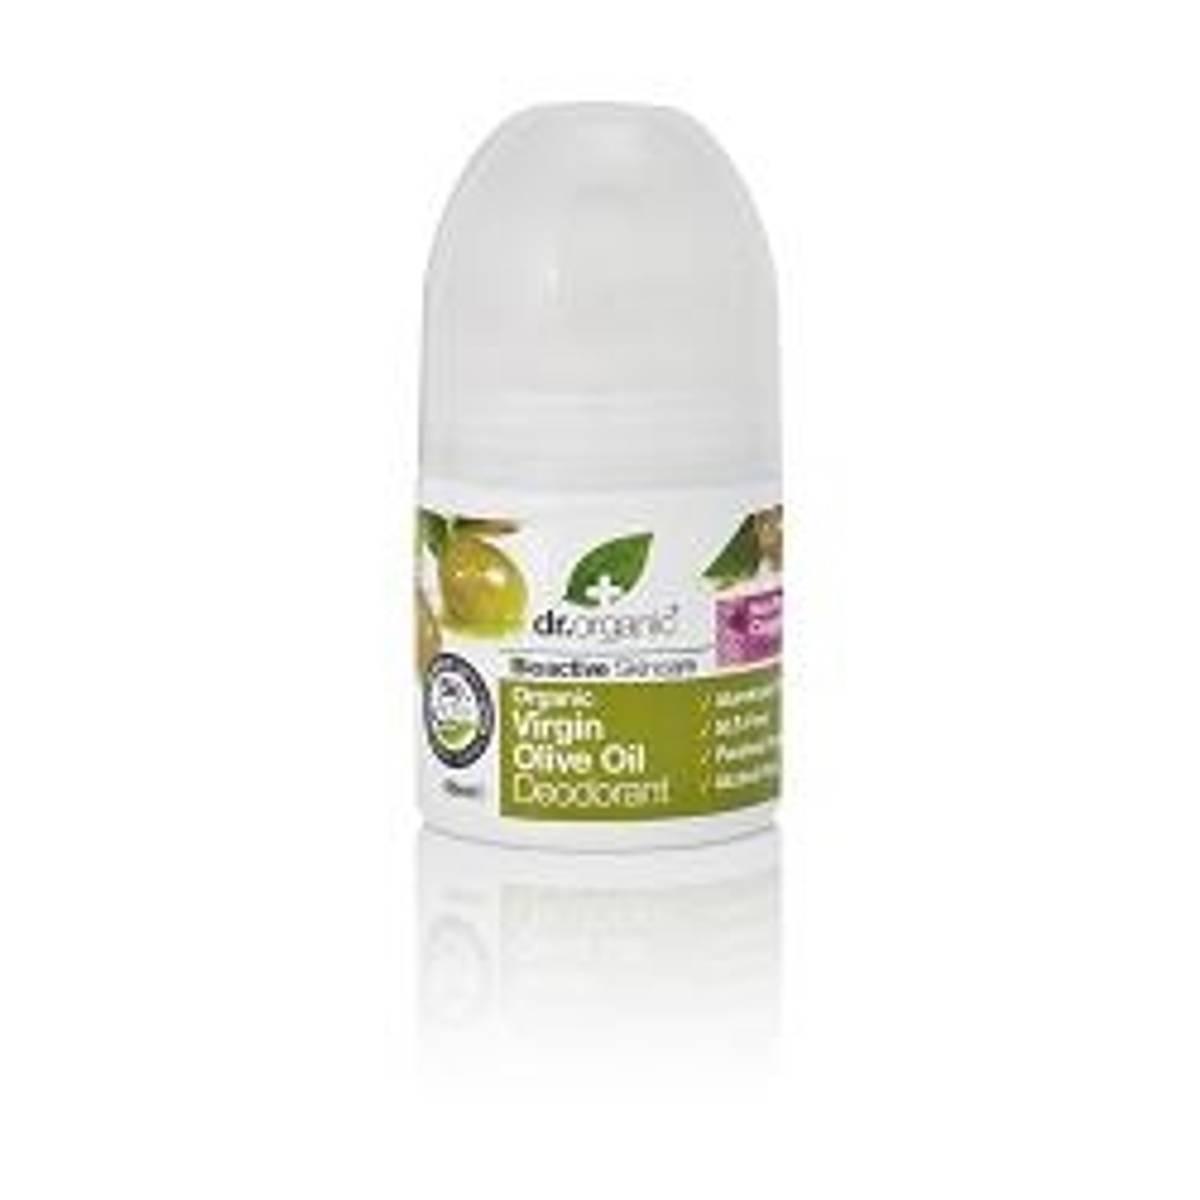 Dr. Organic Olive Deodorant